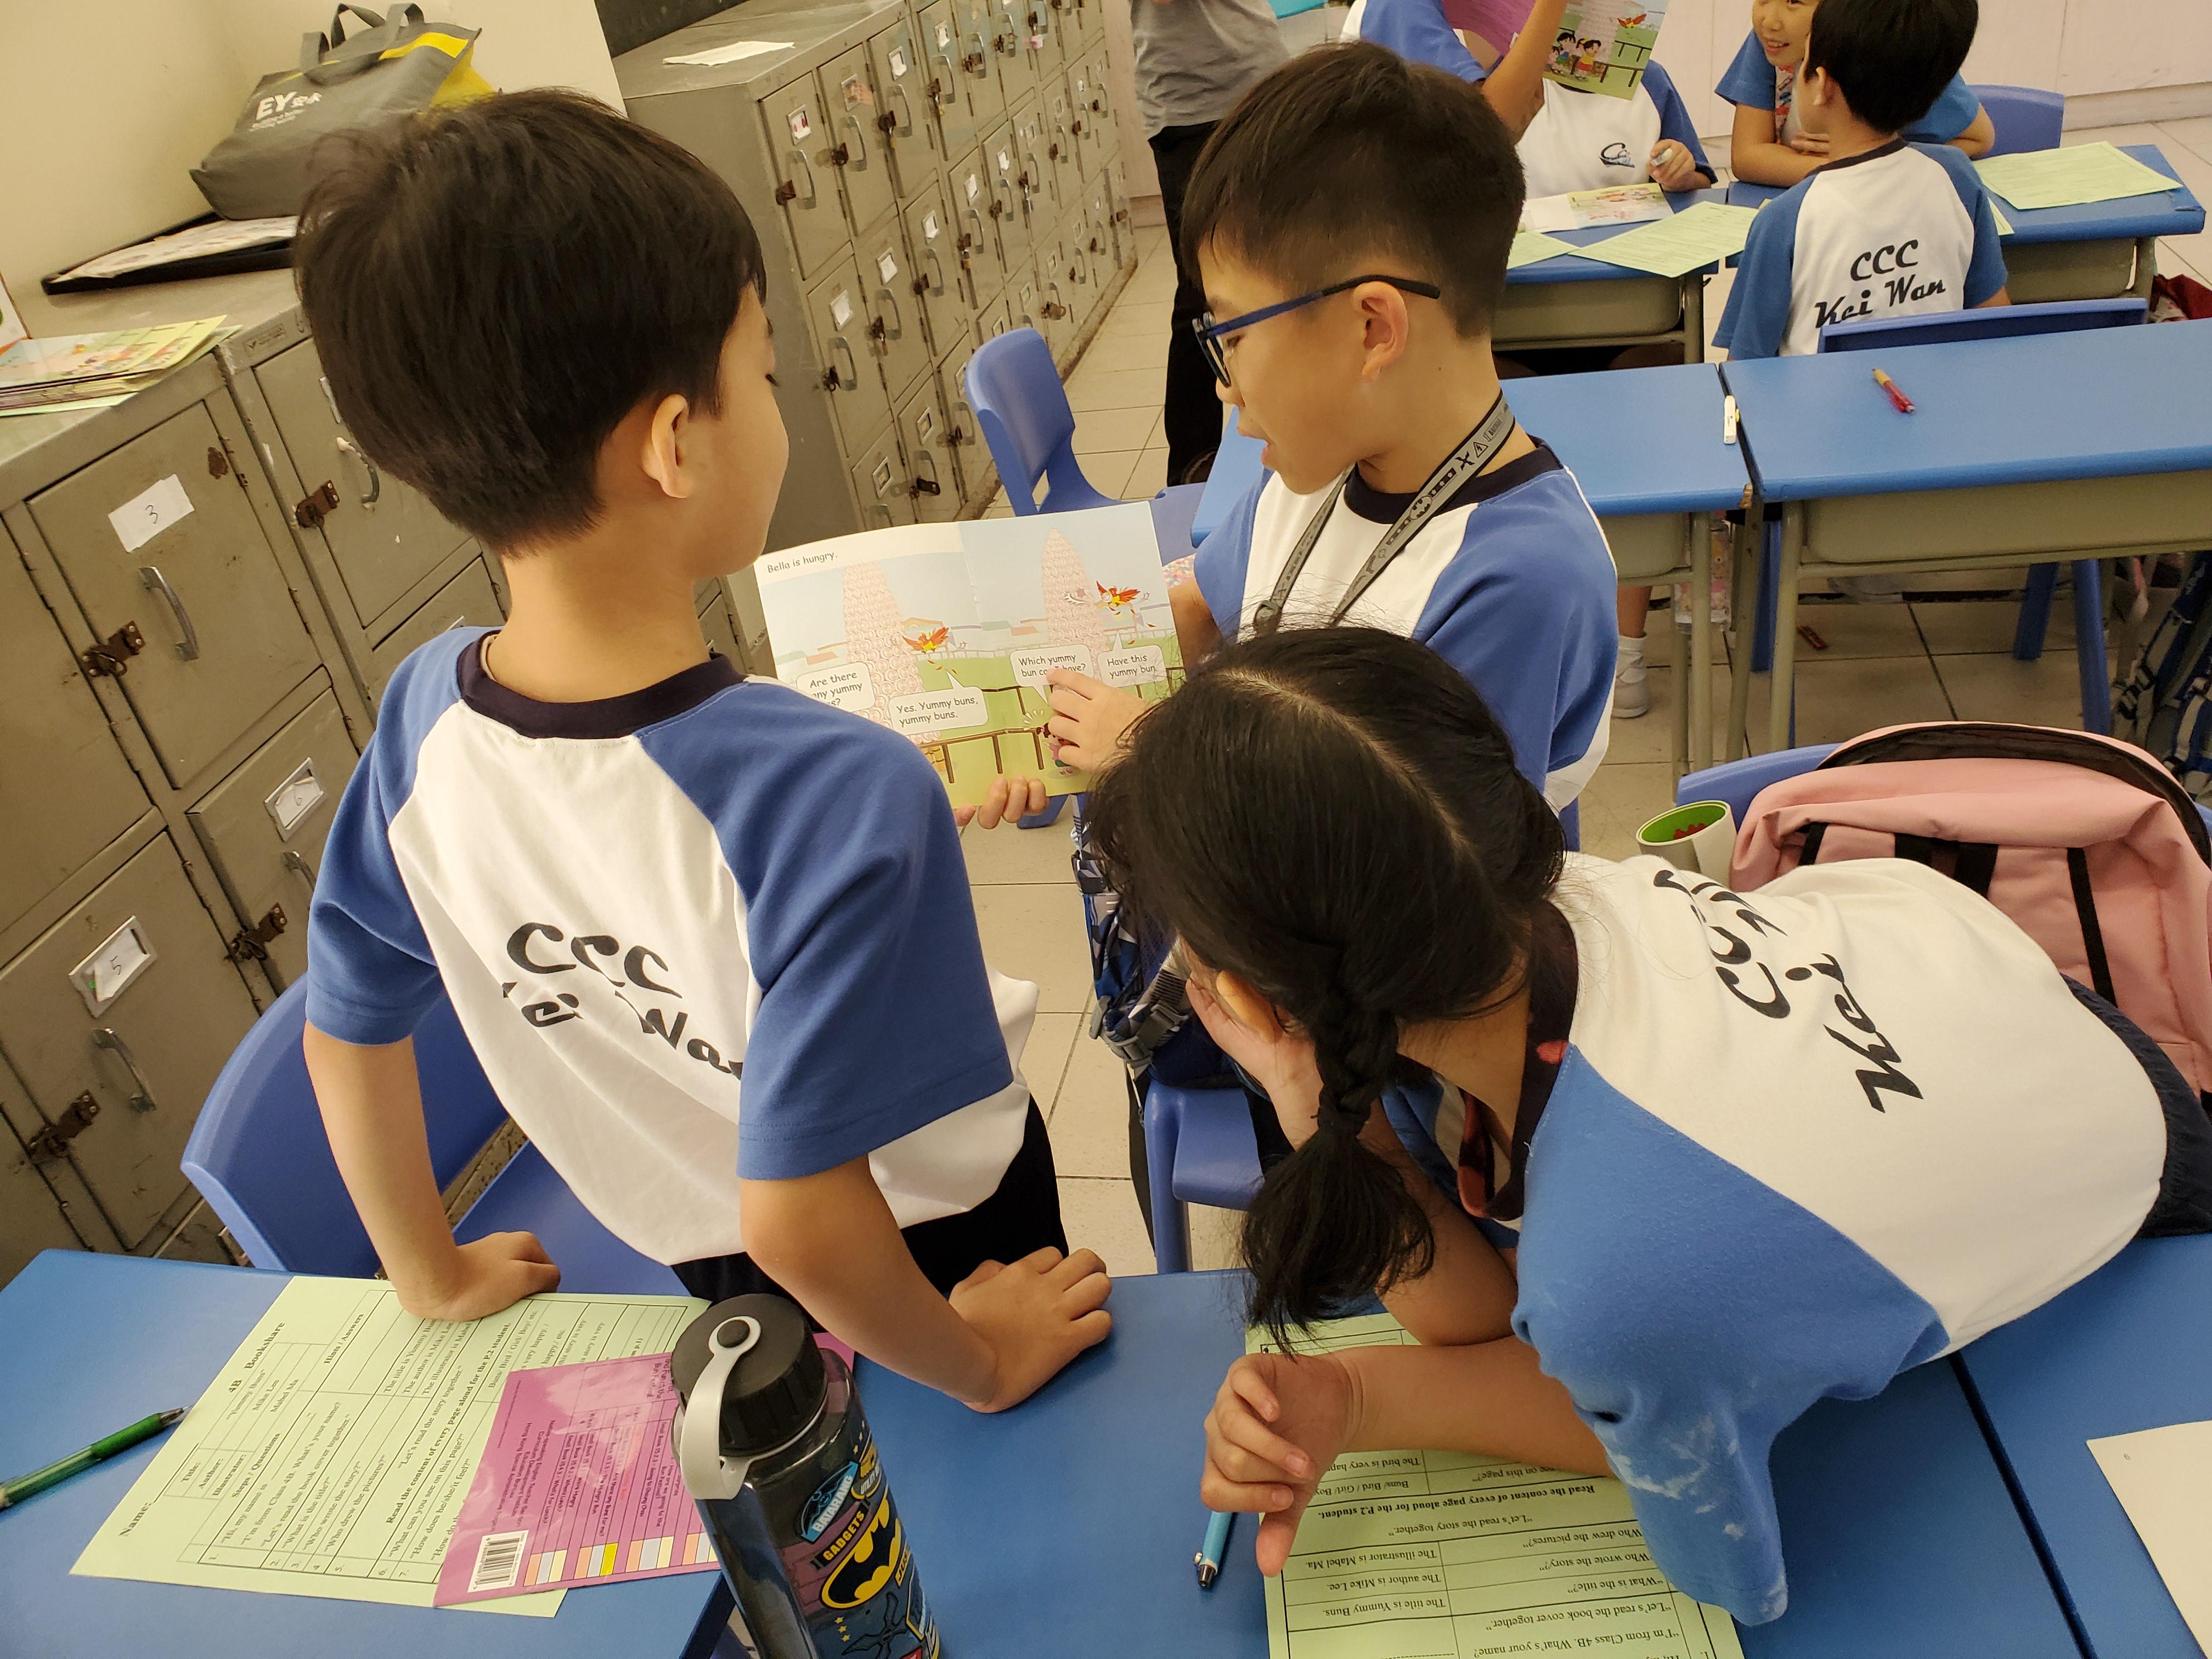 http://www.keiwan.edu.hk/sites/default/files/31_1.jpg